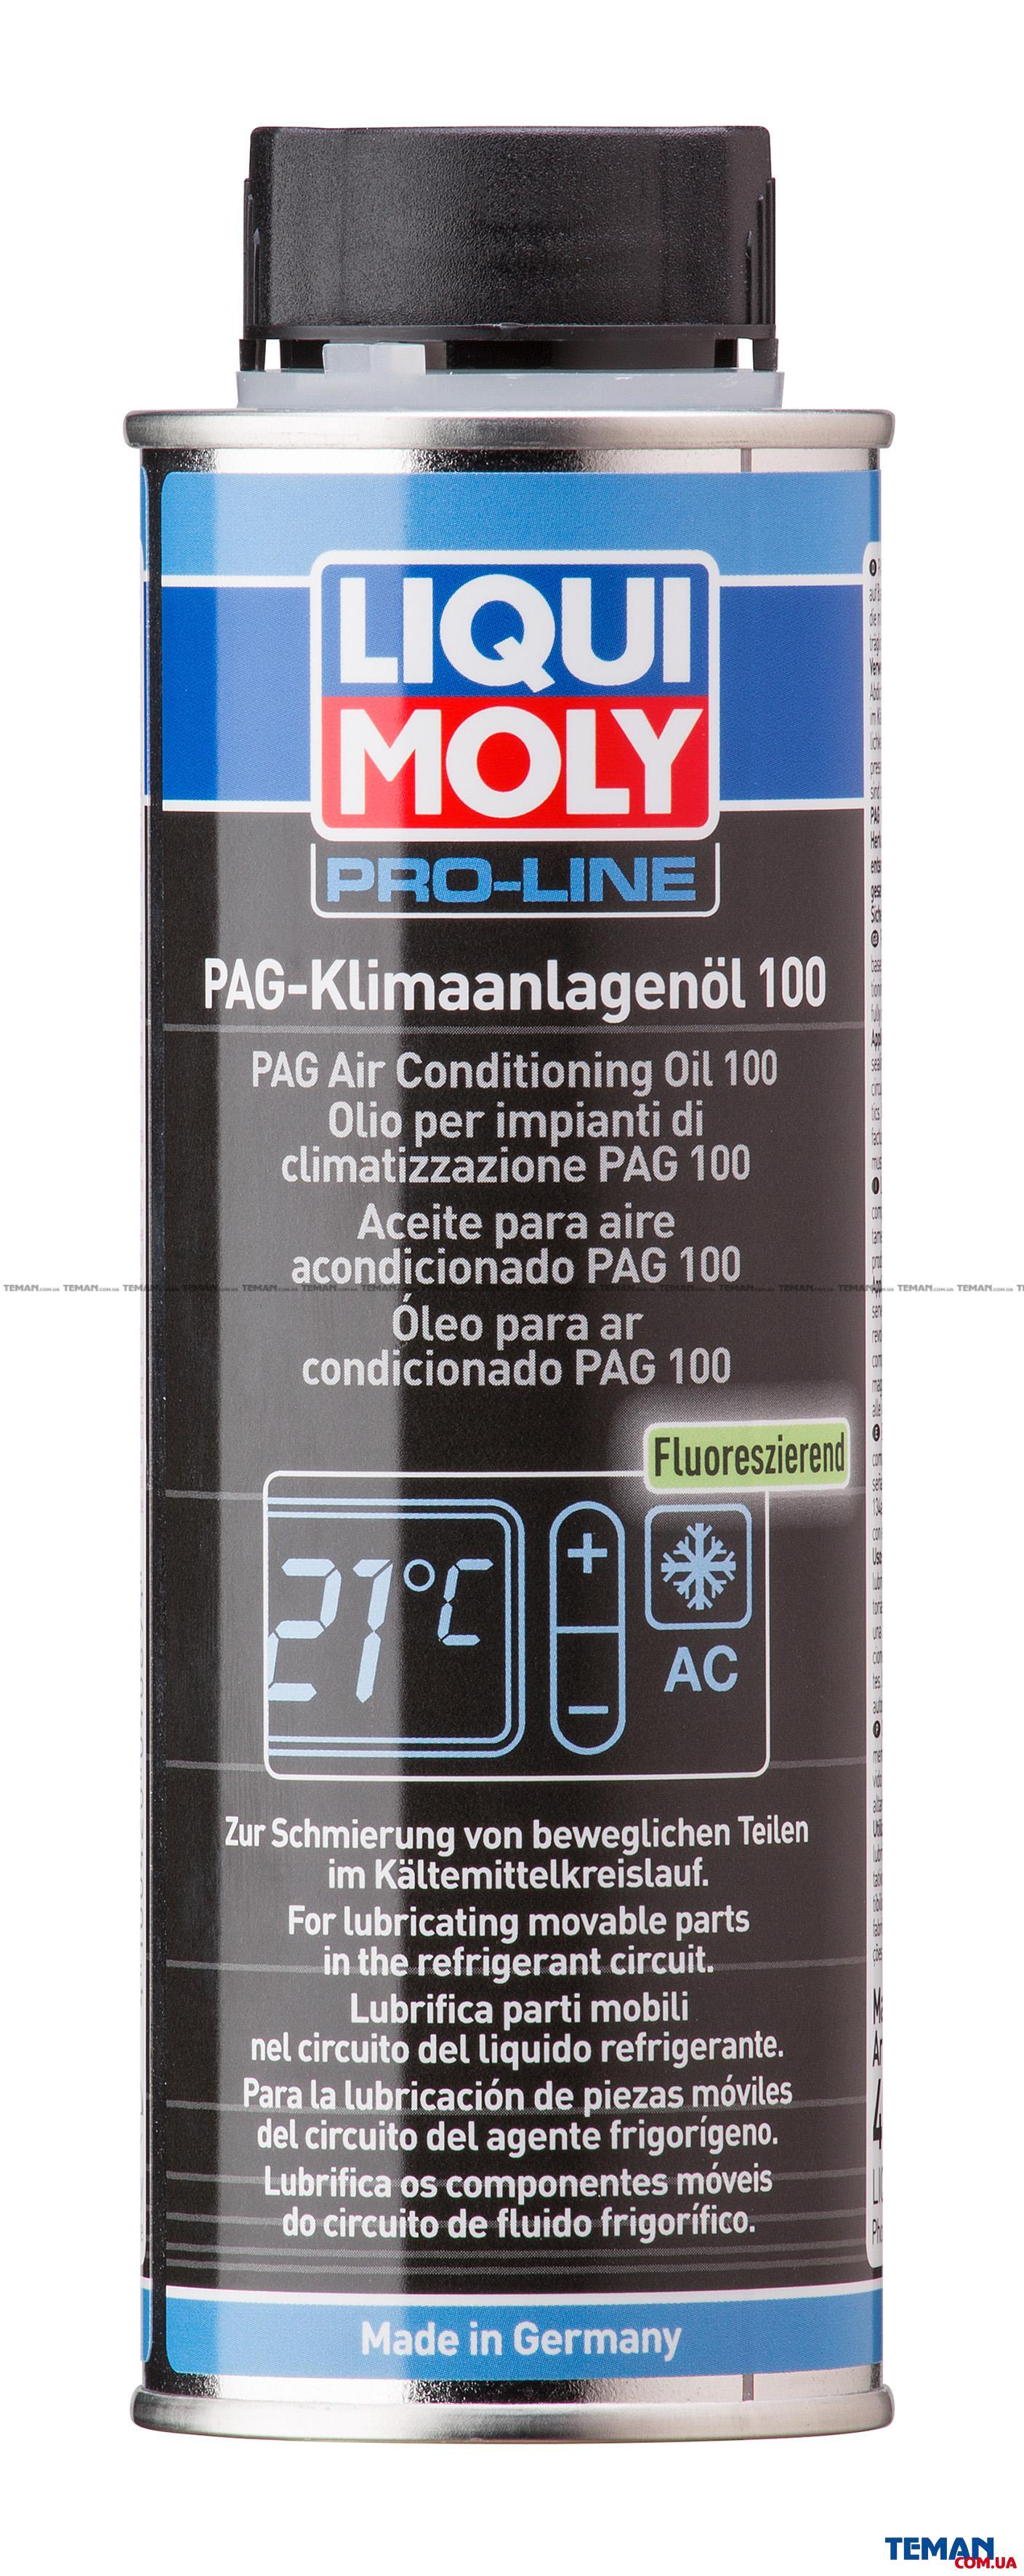 Масло для кондиционеров - PAG-Klimaanlagenoil 100